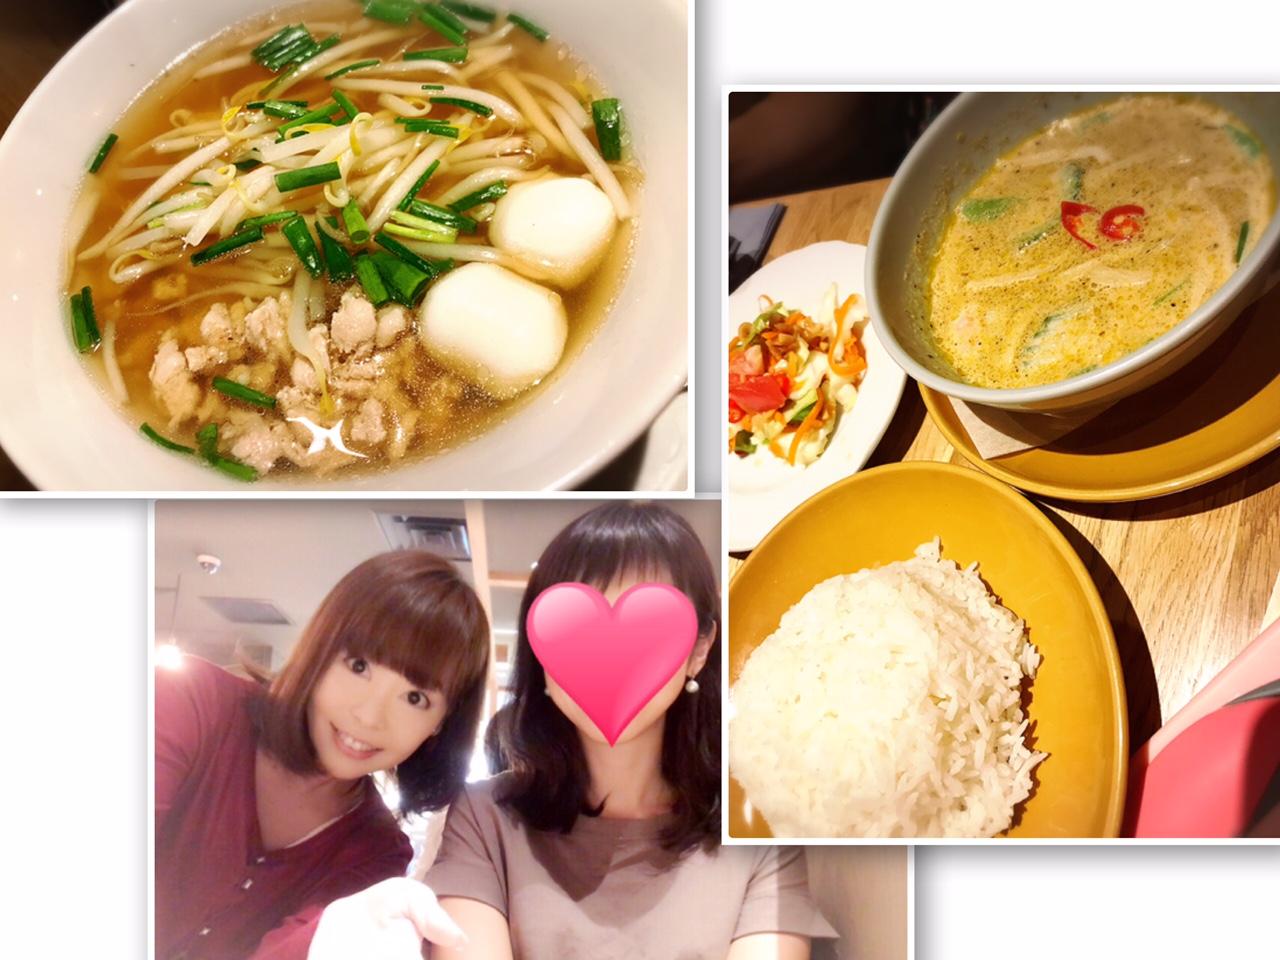 横浜お洒落なマンゴツリーカフェで本場タイ料理!ランチは1000円で満腹